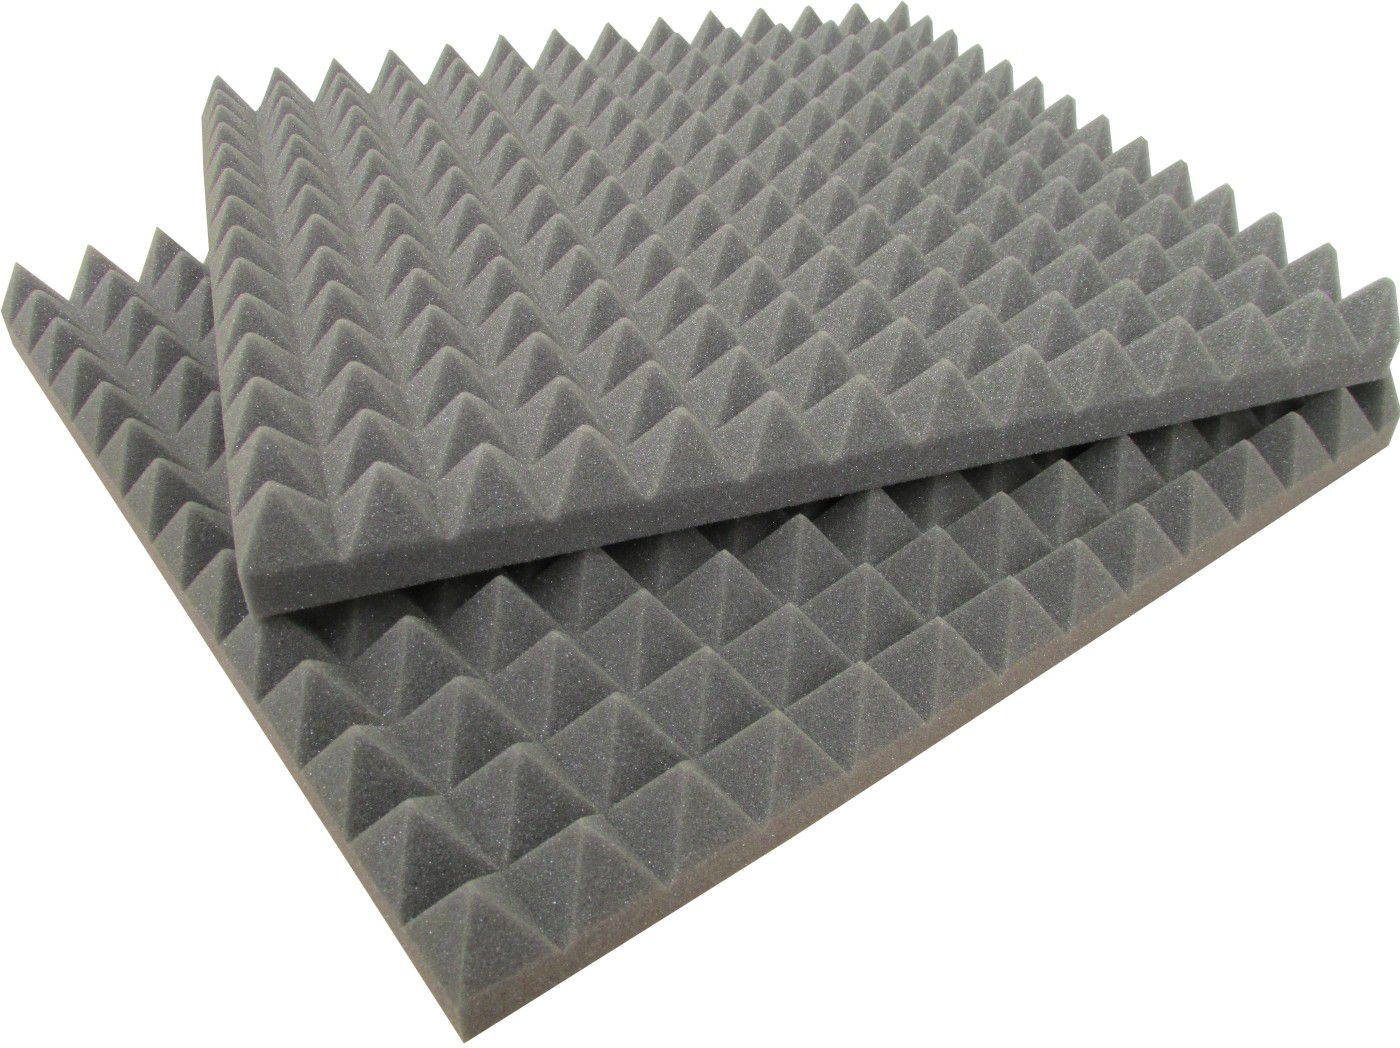 Espuma acústica Linha REV - T1 - Kit 4 peças - (1m²)  - Loja SPL Acústica